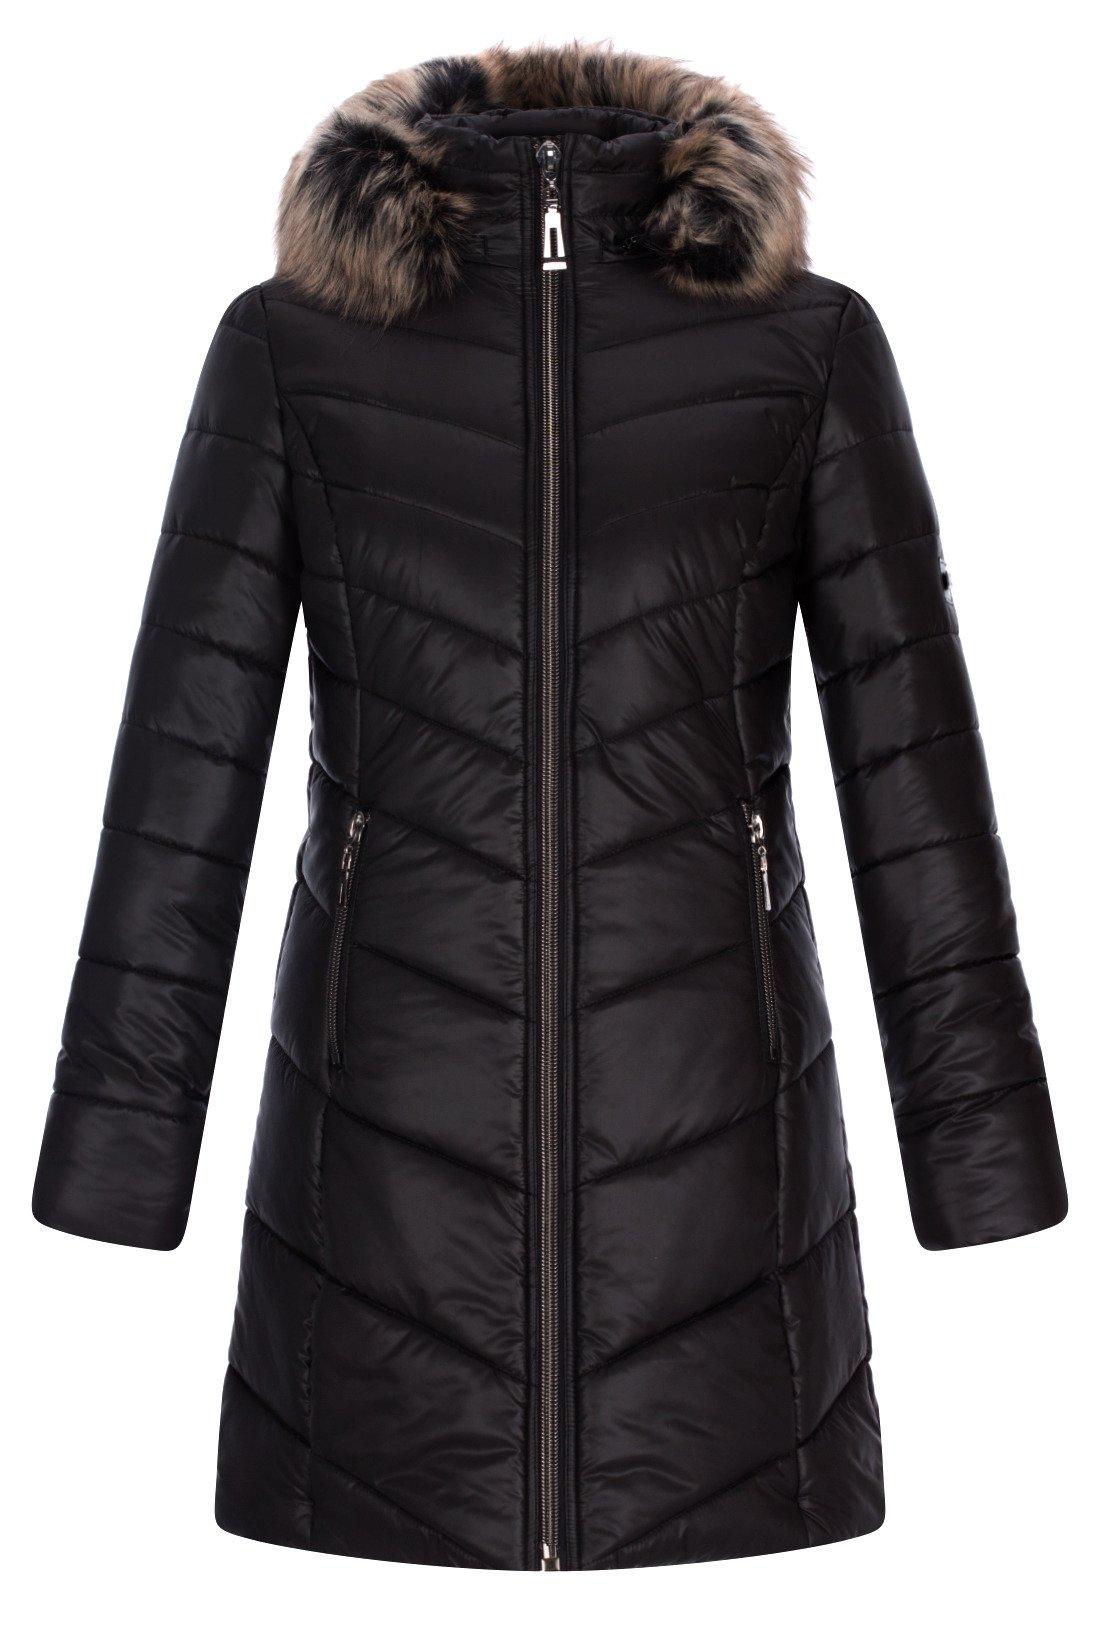 2596c962fd473 Kurtka zimowa AnMar Zara czarna z kapturem i futerkiem | sklep ...